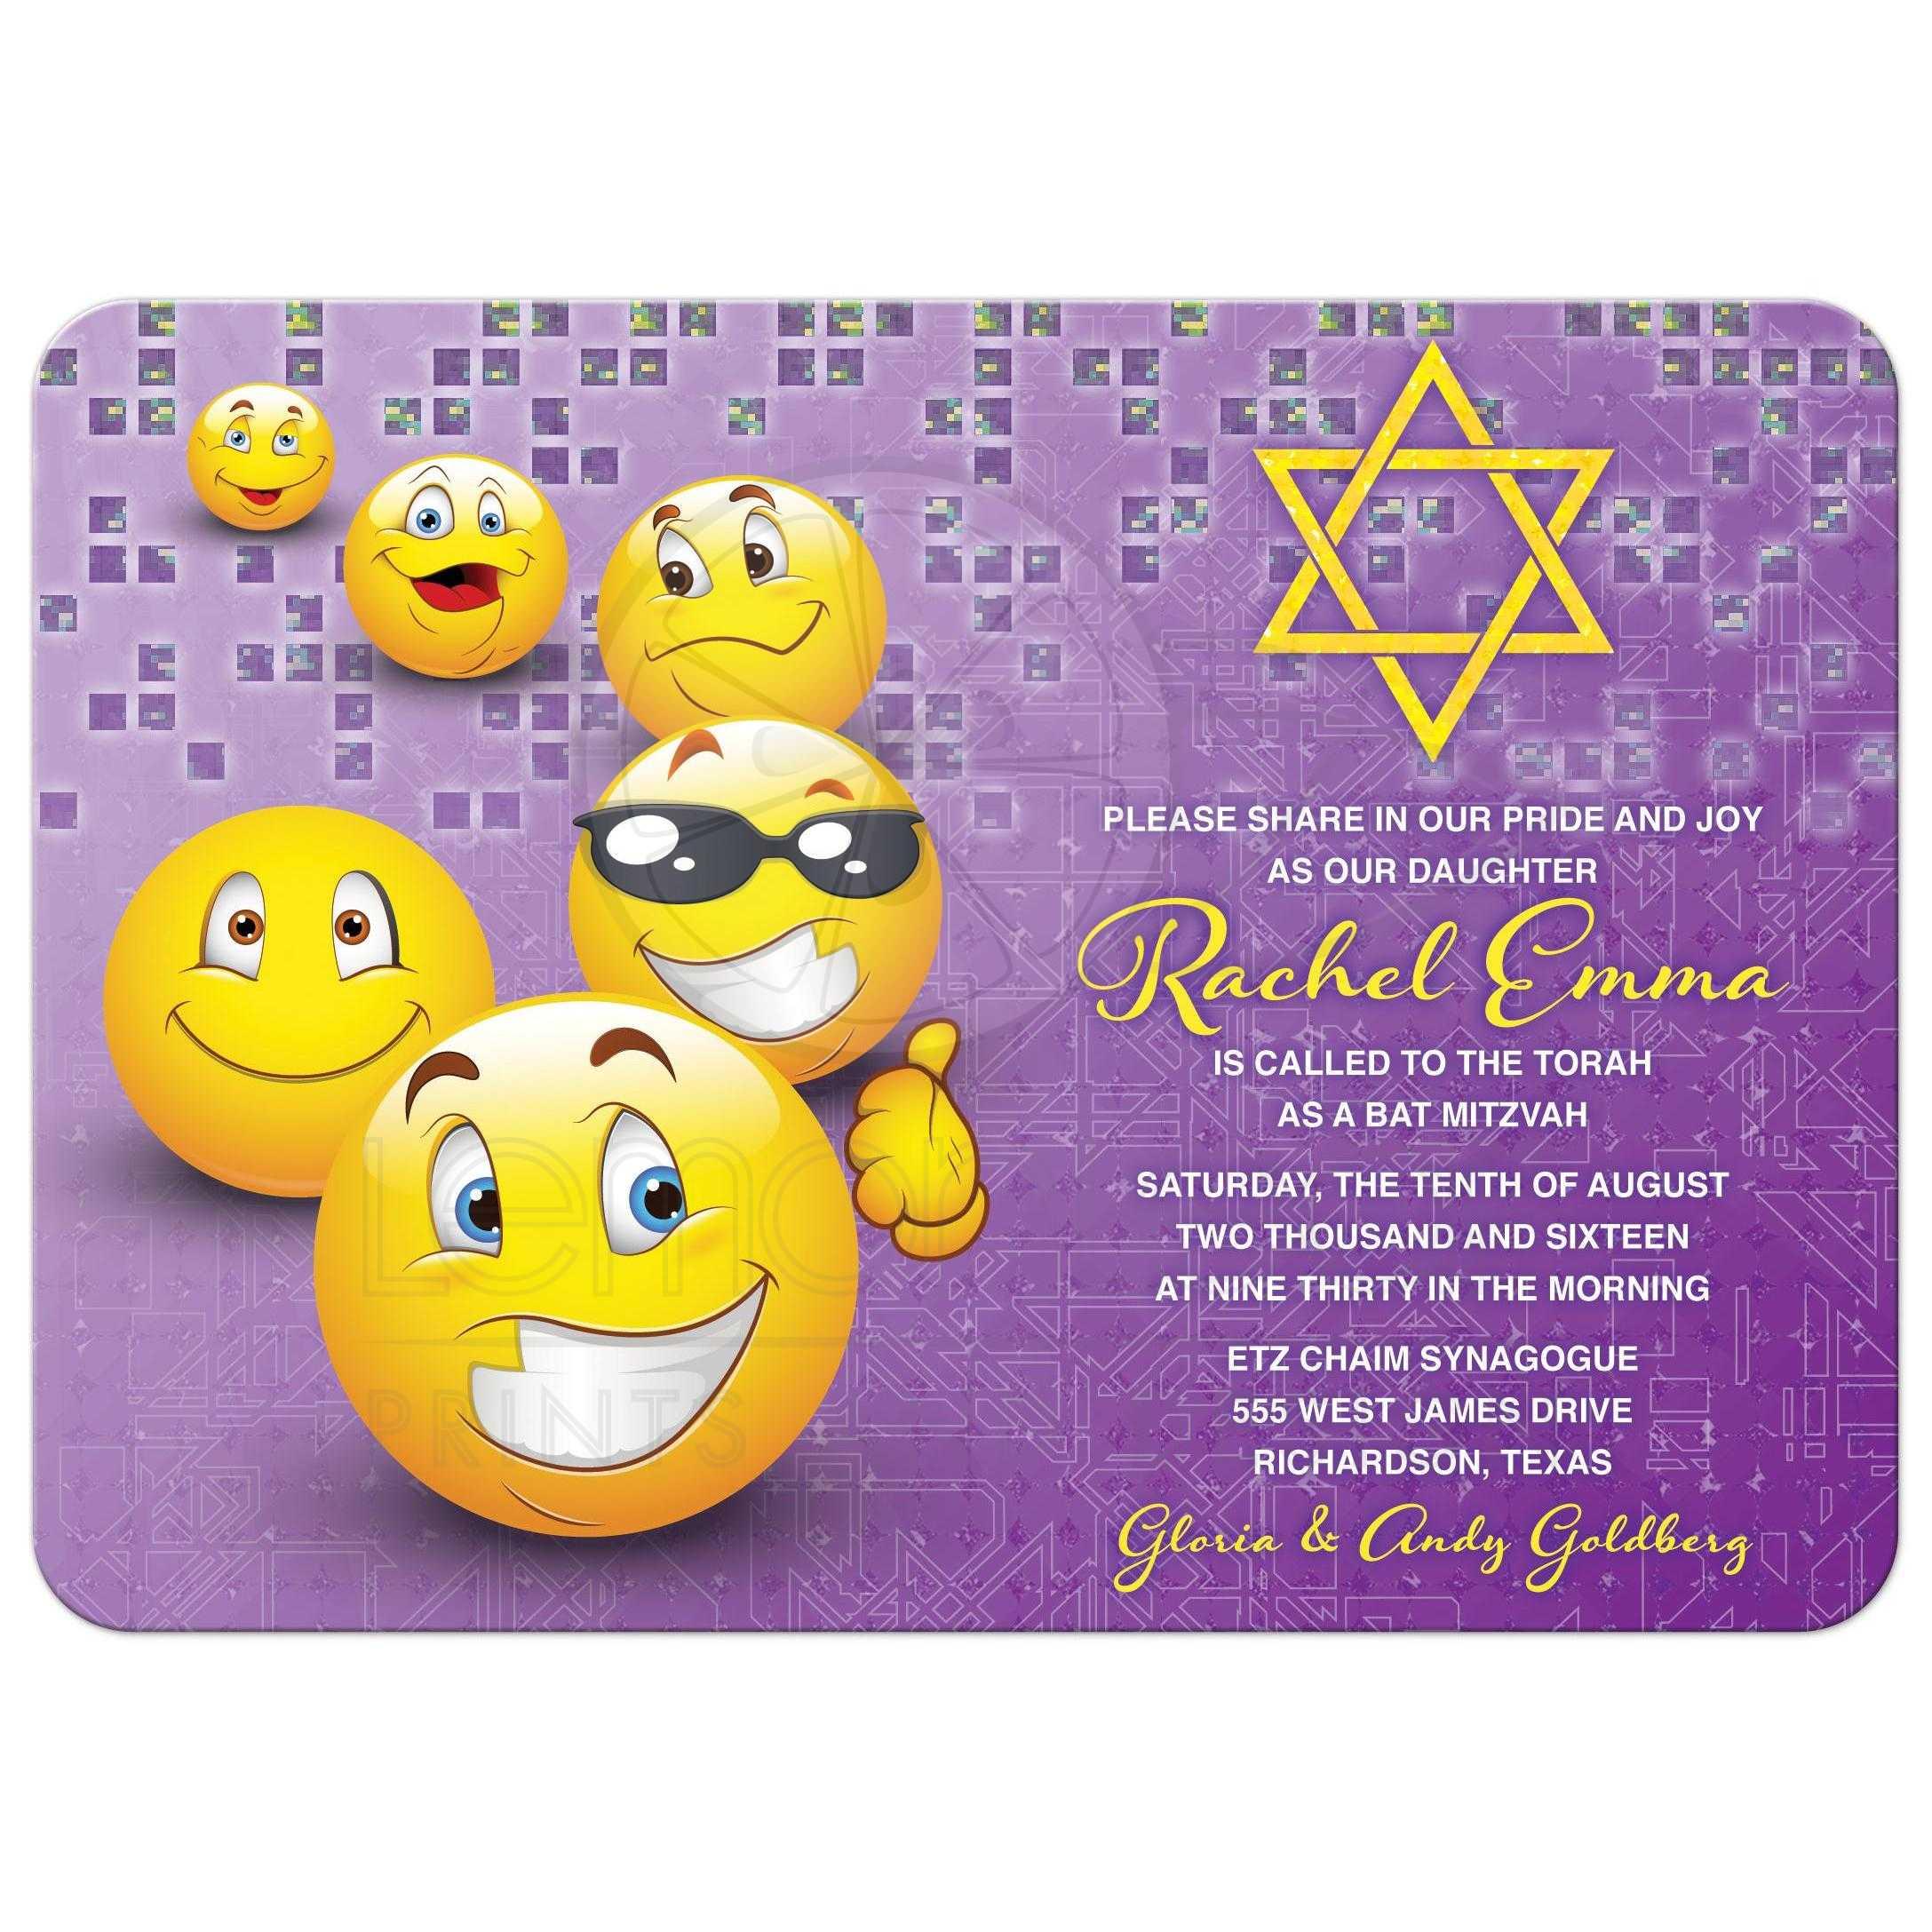 Social Media Emoticon Emoji Bat Mitzvah Invitation Purple Yellow Smiley